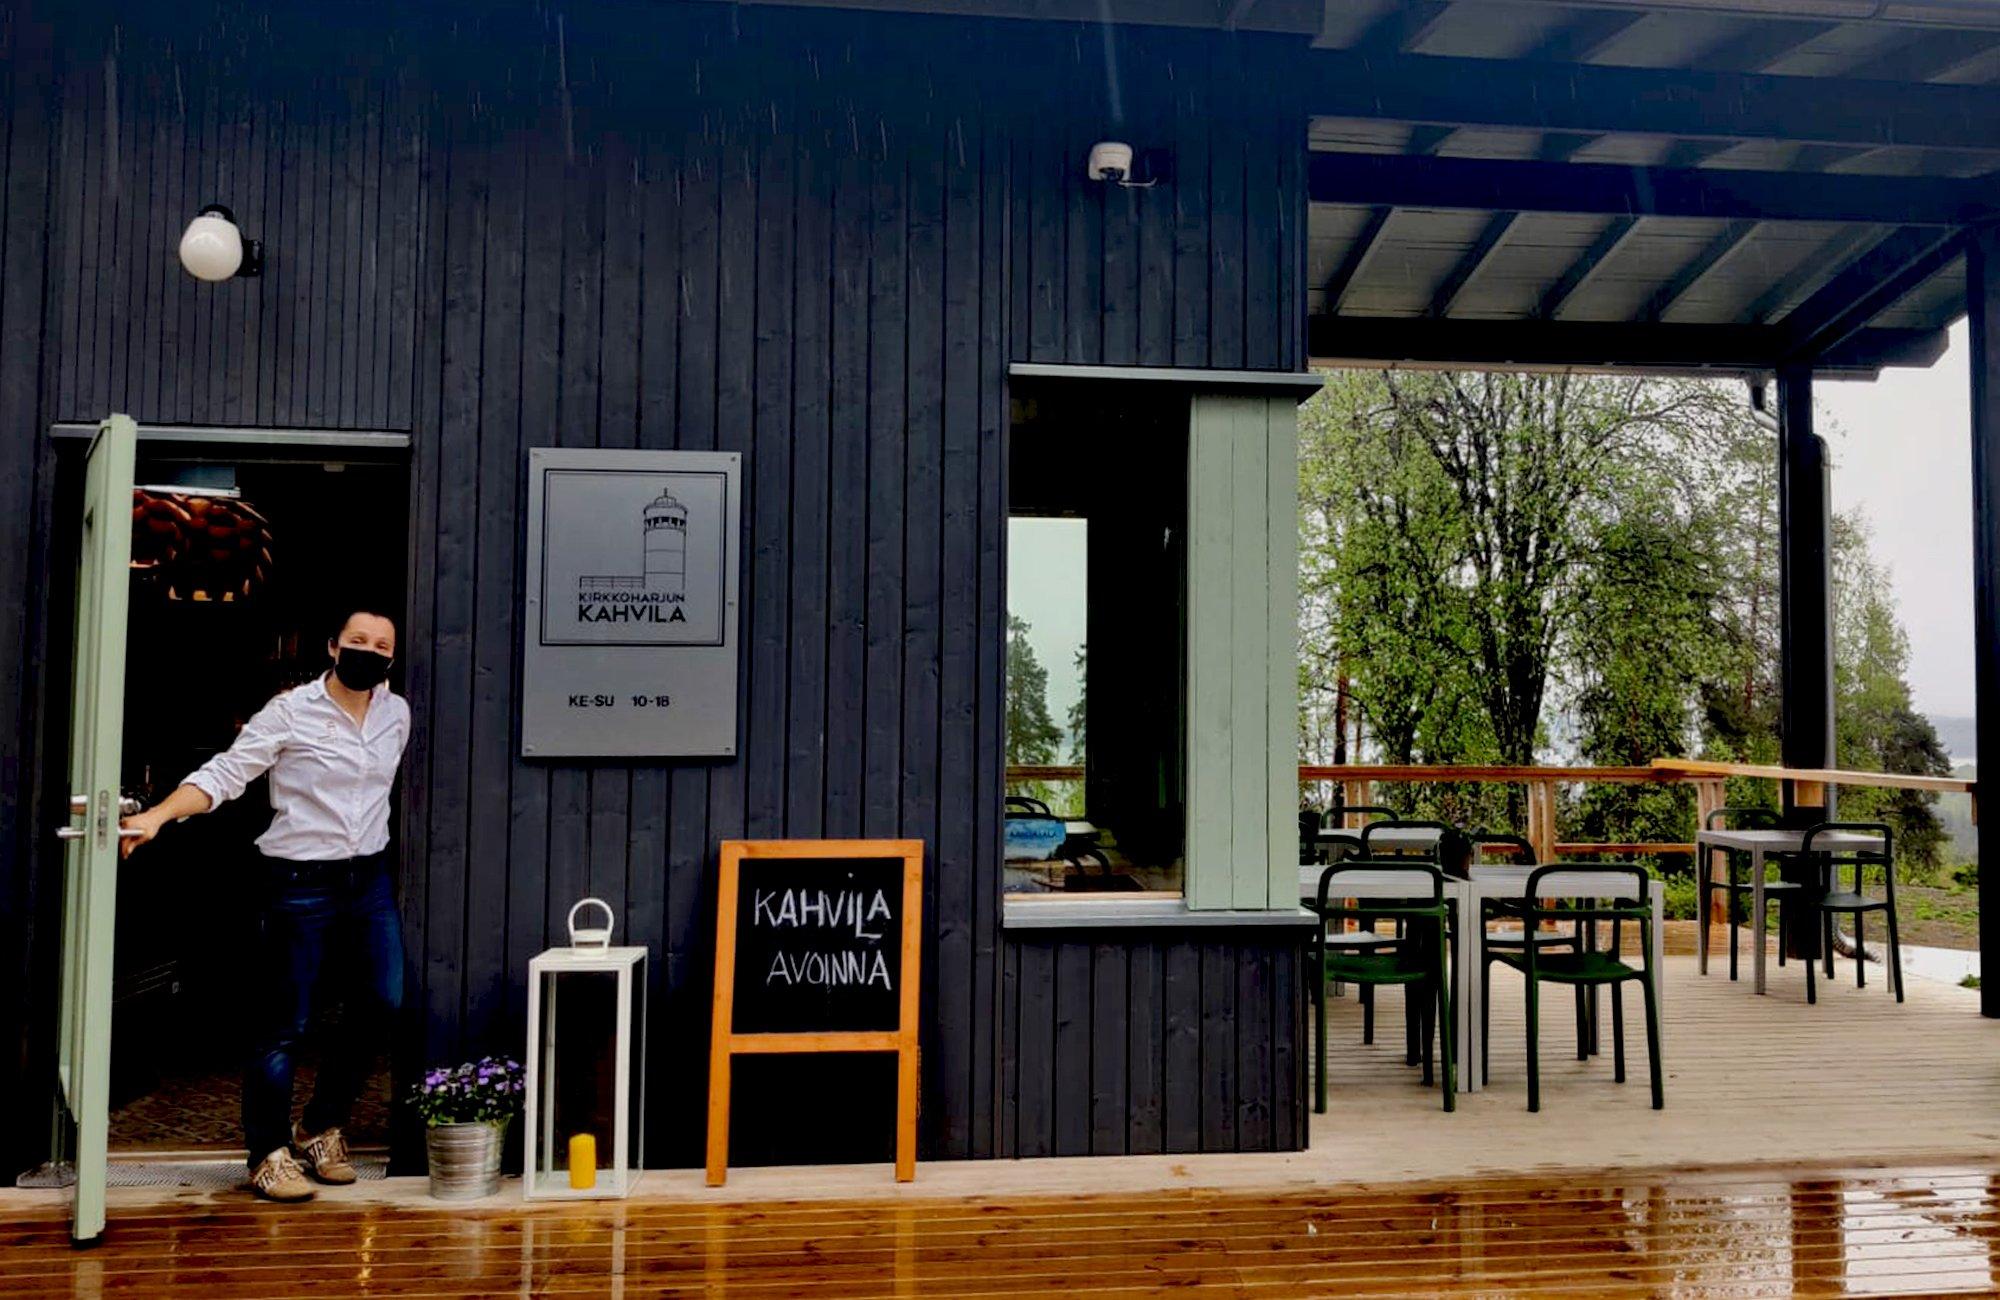 Kirkkoharjun kahvila 2000x1300 - 2Kirkkoharjun Kahvilan tarjonnasta voi nauttia ulkona huikeissa maisemissa.